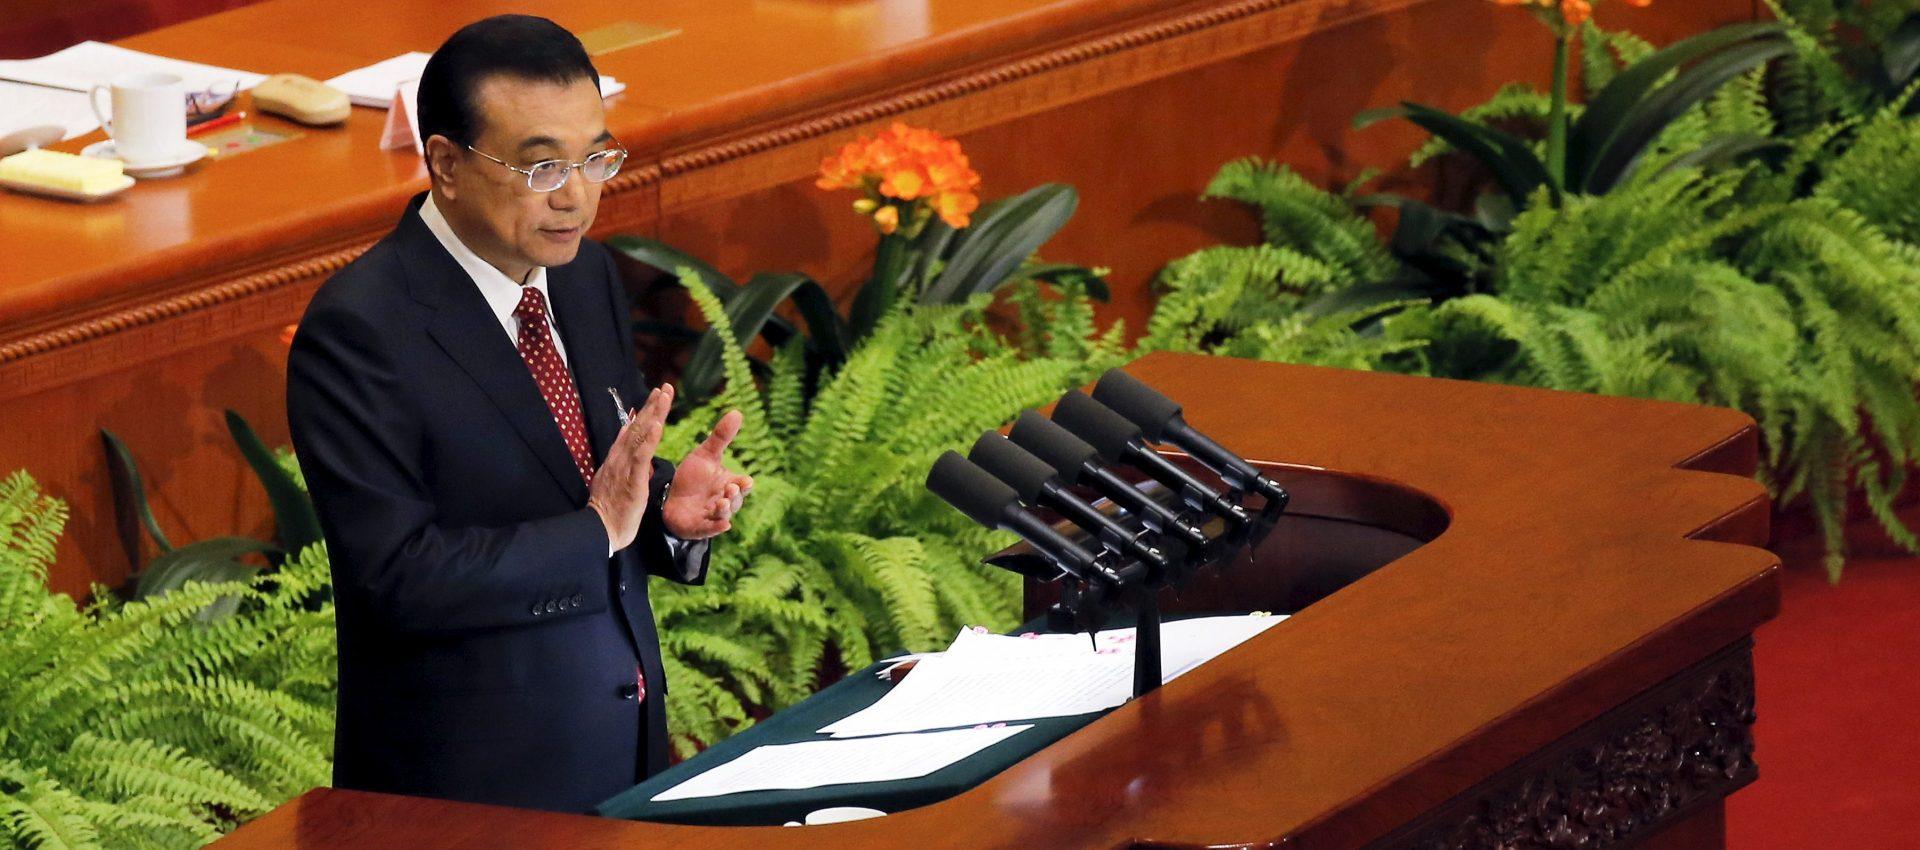 Le Premier ministre chinois Li Keqiang lors de son discours d'ouverture de la session annuelle de l'Assemblée nationale populaire à Pékin, le 5 mars 2016. (Source : Brookings)